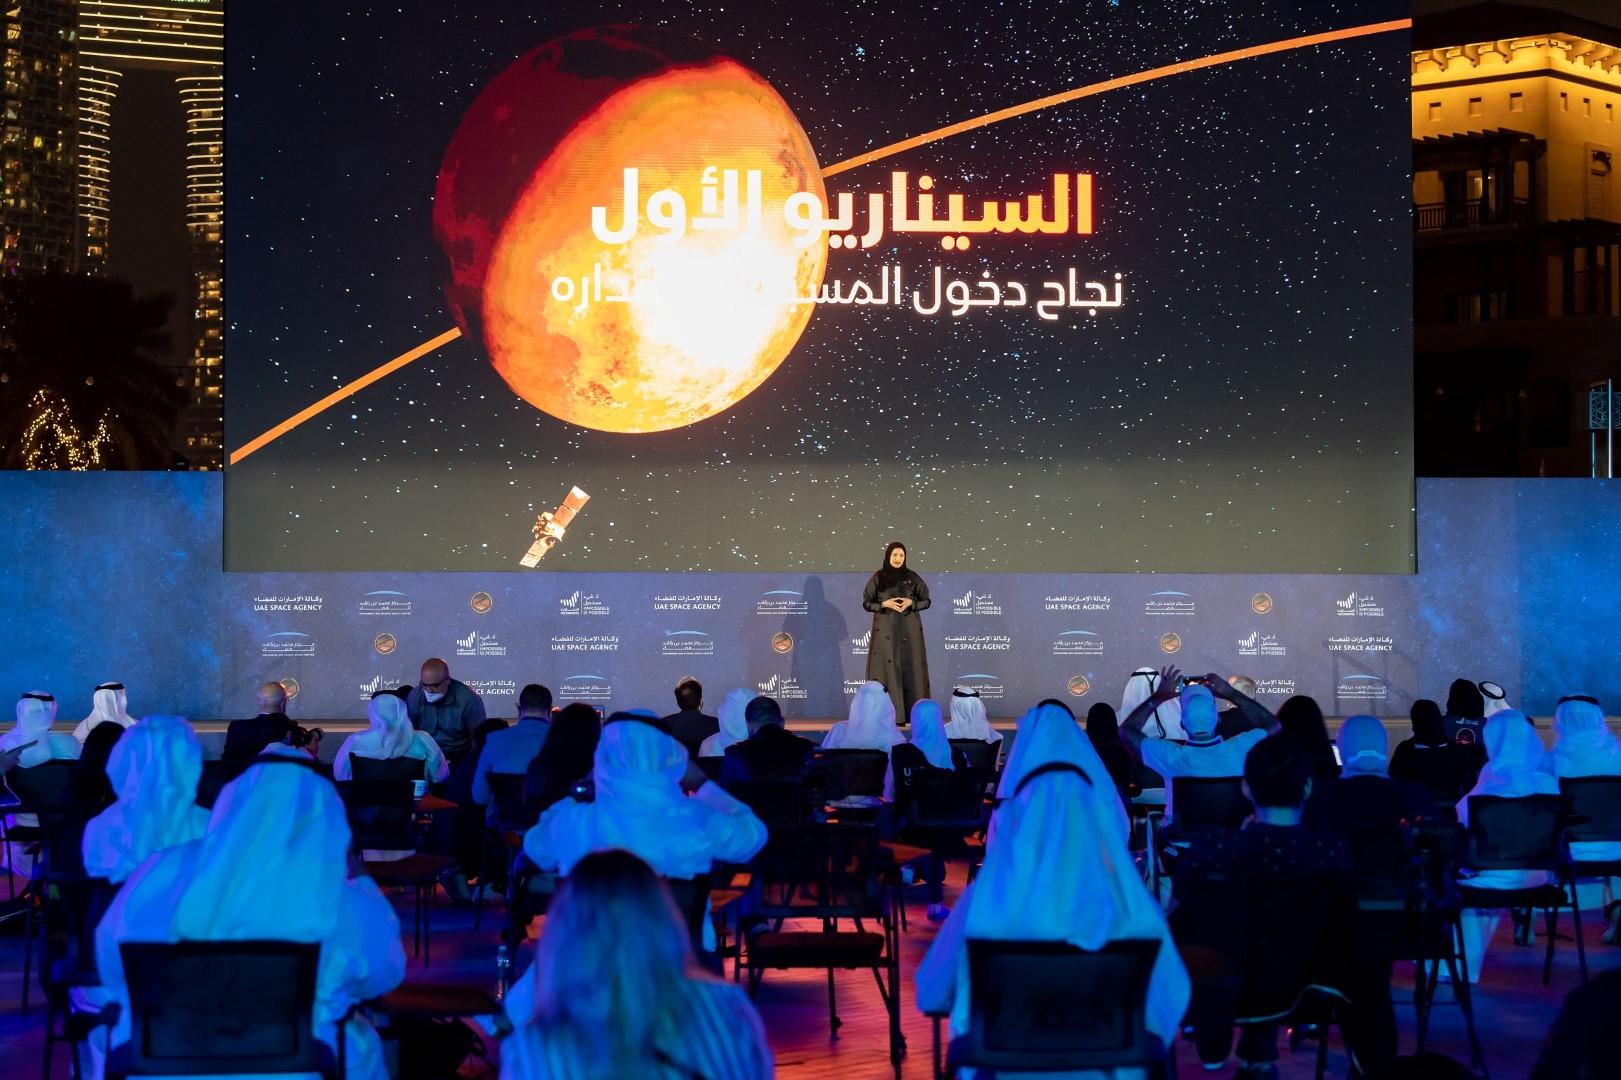 """أكثر من 12,000 مادة إعلامية إقليمية وعالمية غطت نجاح """"مسبار الأمل"""" في الوصول إلى المريخ"""